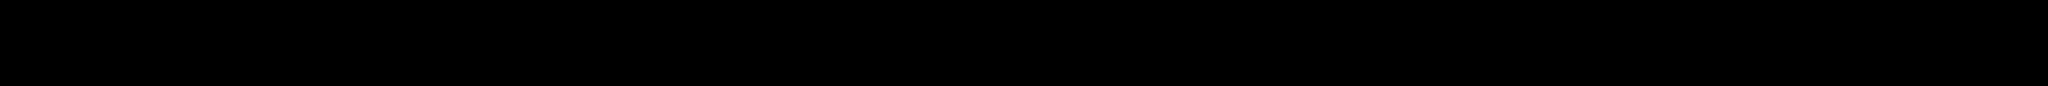 ELRING 2340.32.235, N 013 849.2, N 13 849.2, 05073946AA, 94525114 Dichtring, Ölablaßschraube